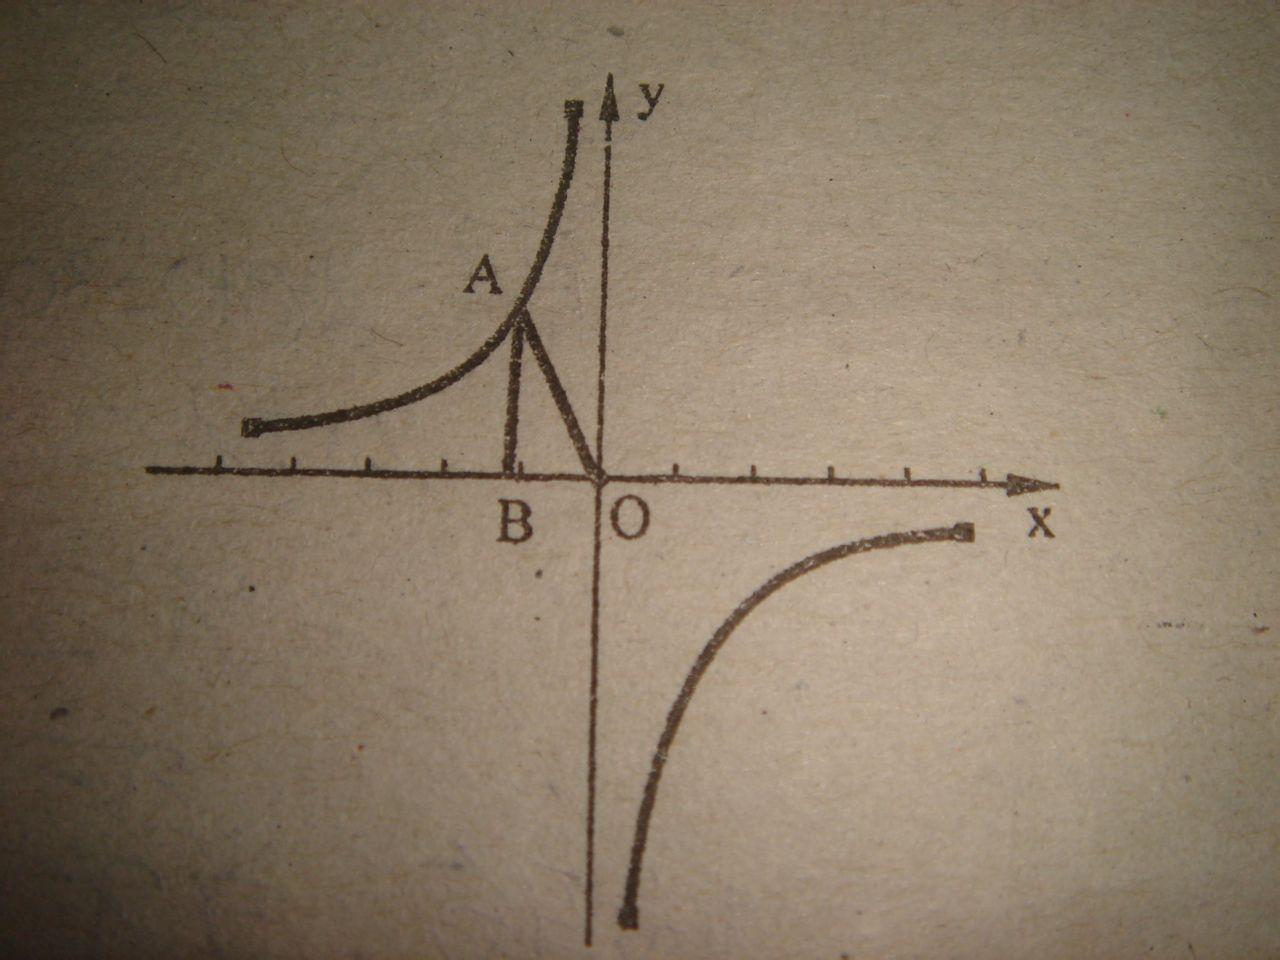 直�yaY�_(2)若过点a的直线y=ax b与x轴的正半轴交于点c,且∠aco=30°,求此直线